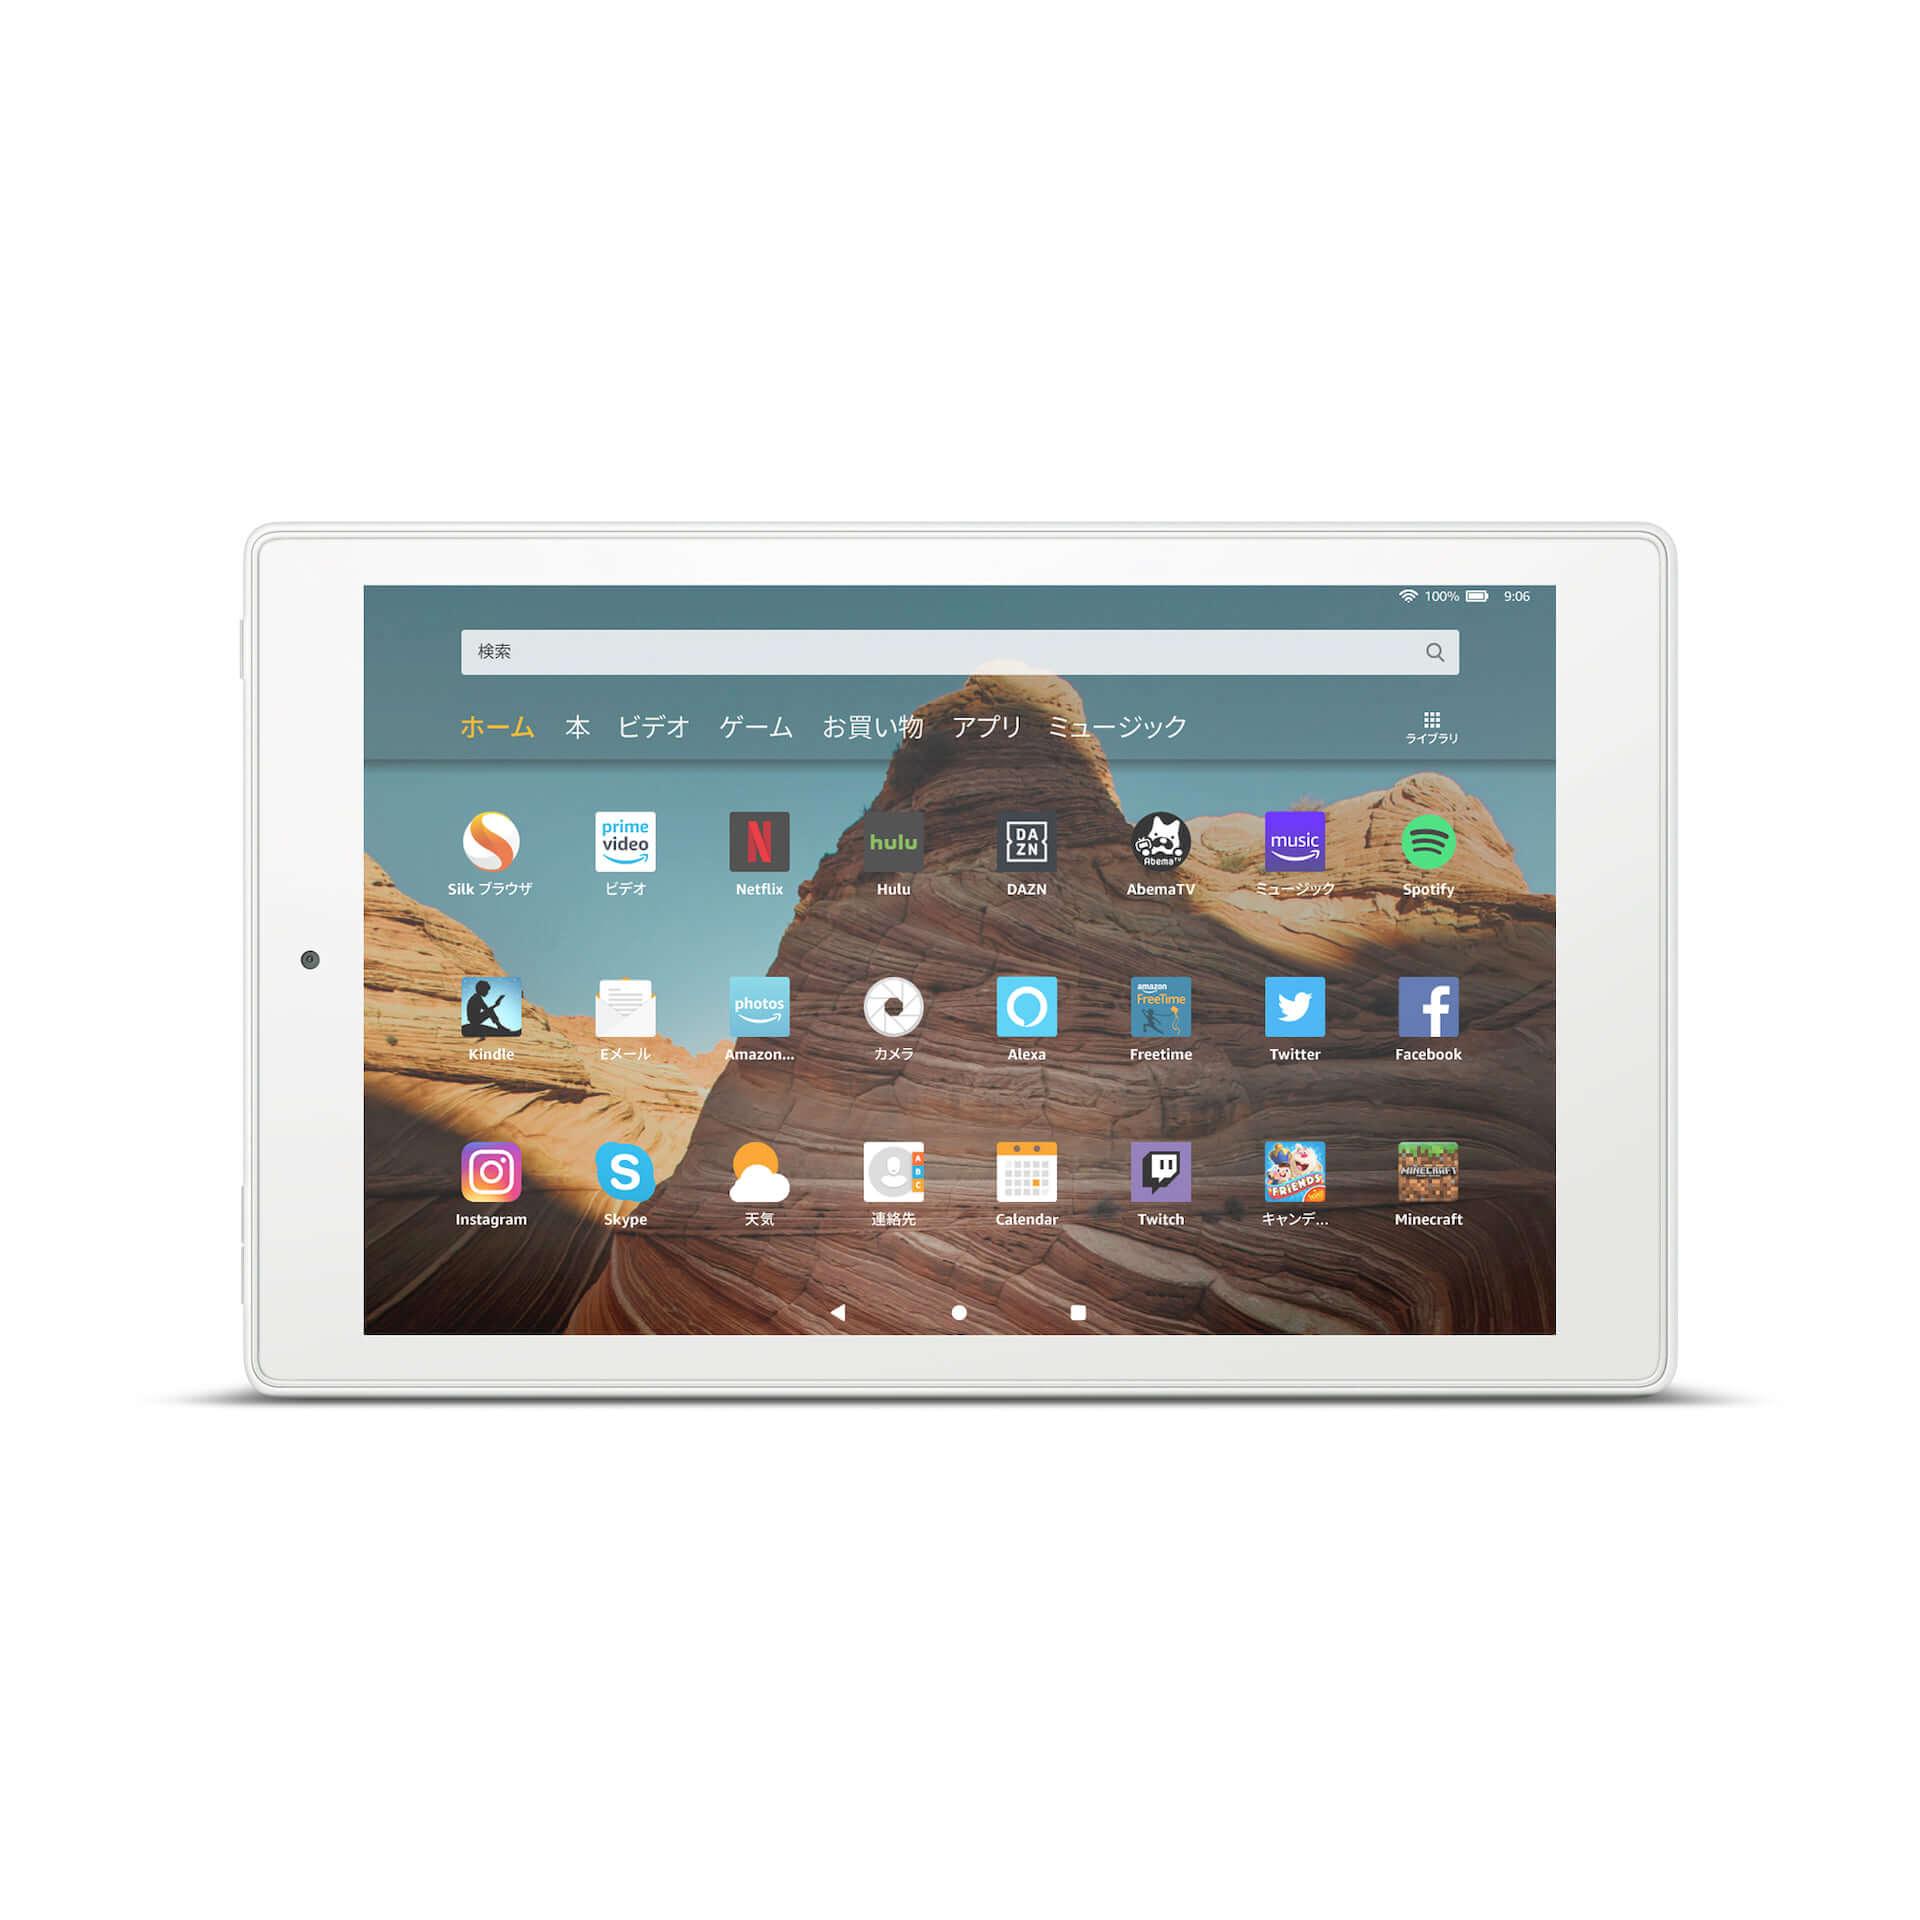 Amazon、大画面10.1インチ、USB Type-C搭載の「Fire HD 10 タブレット」が新登場! tech191008fire-hd-10_04-1920x1920